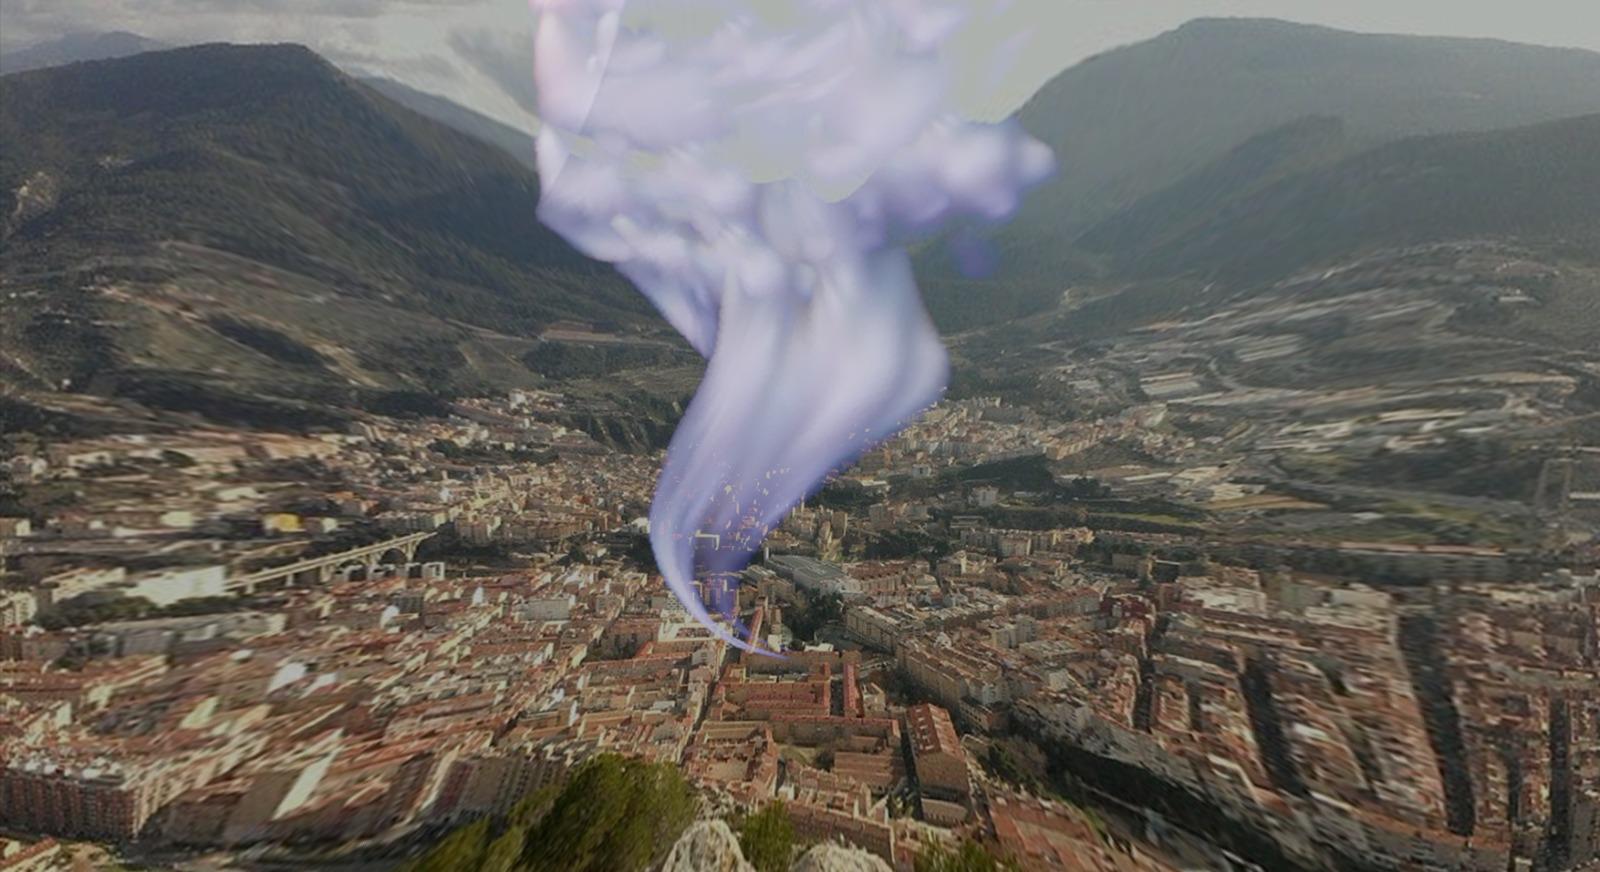 El pitido misterioso del Ensanche es un escape que revela que Alcoy se está desinflando